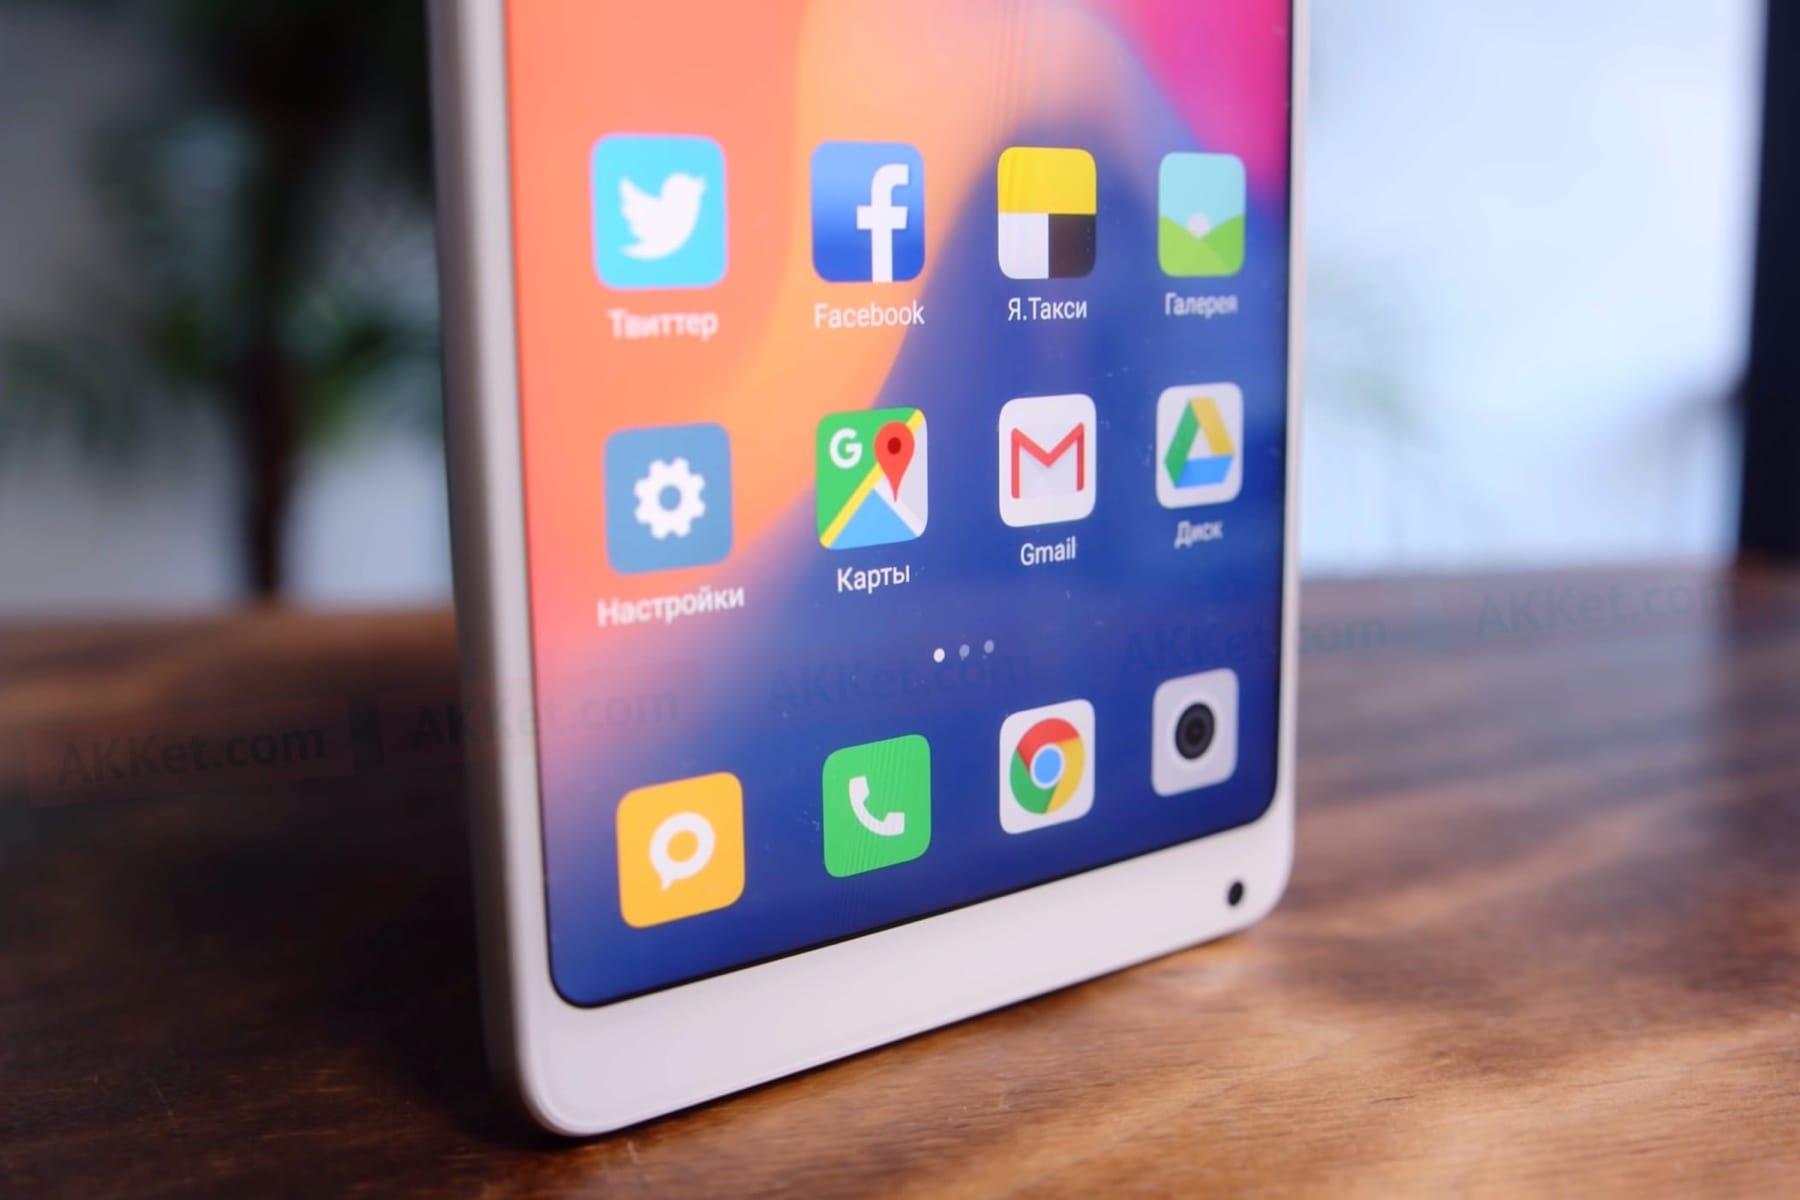 Xiaomi выпустила новую версию прошивки MIUI 10 для более чем 30 смартфонов